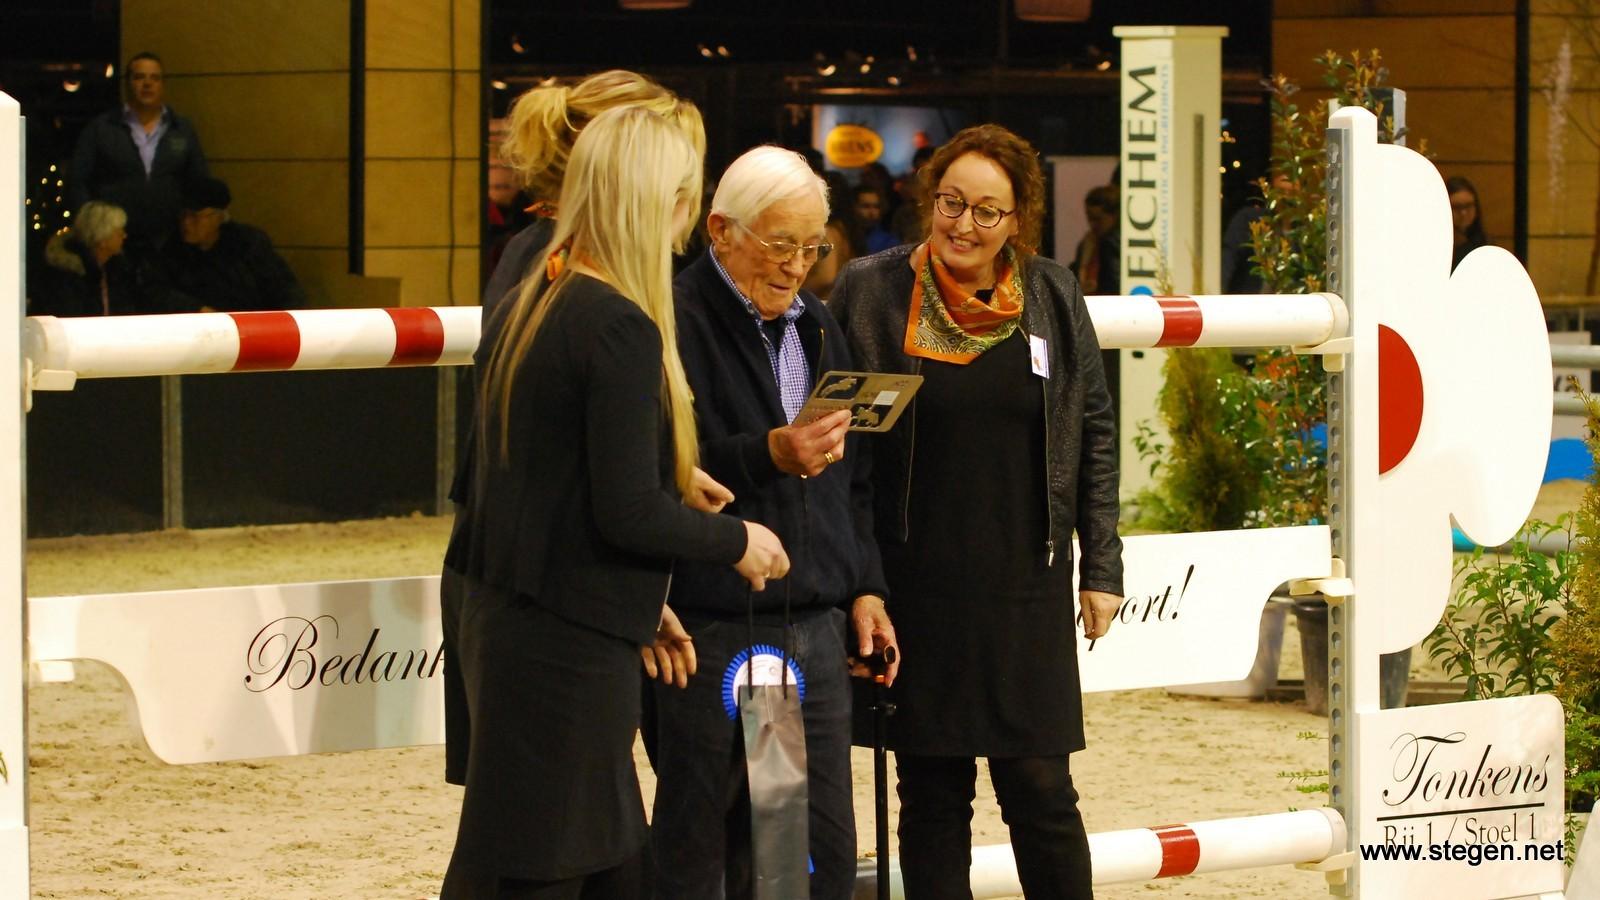 Schelto Tonkens bij de hindernis die hij heeft aangeboden aan Indoor Groningen.